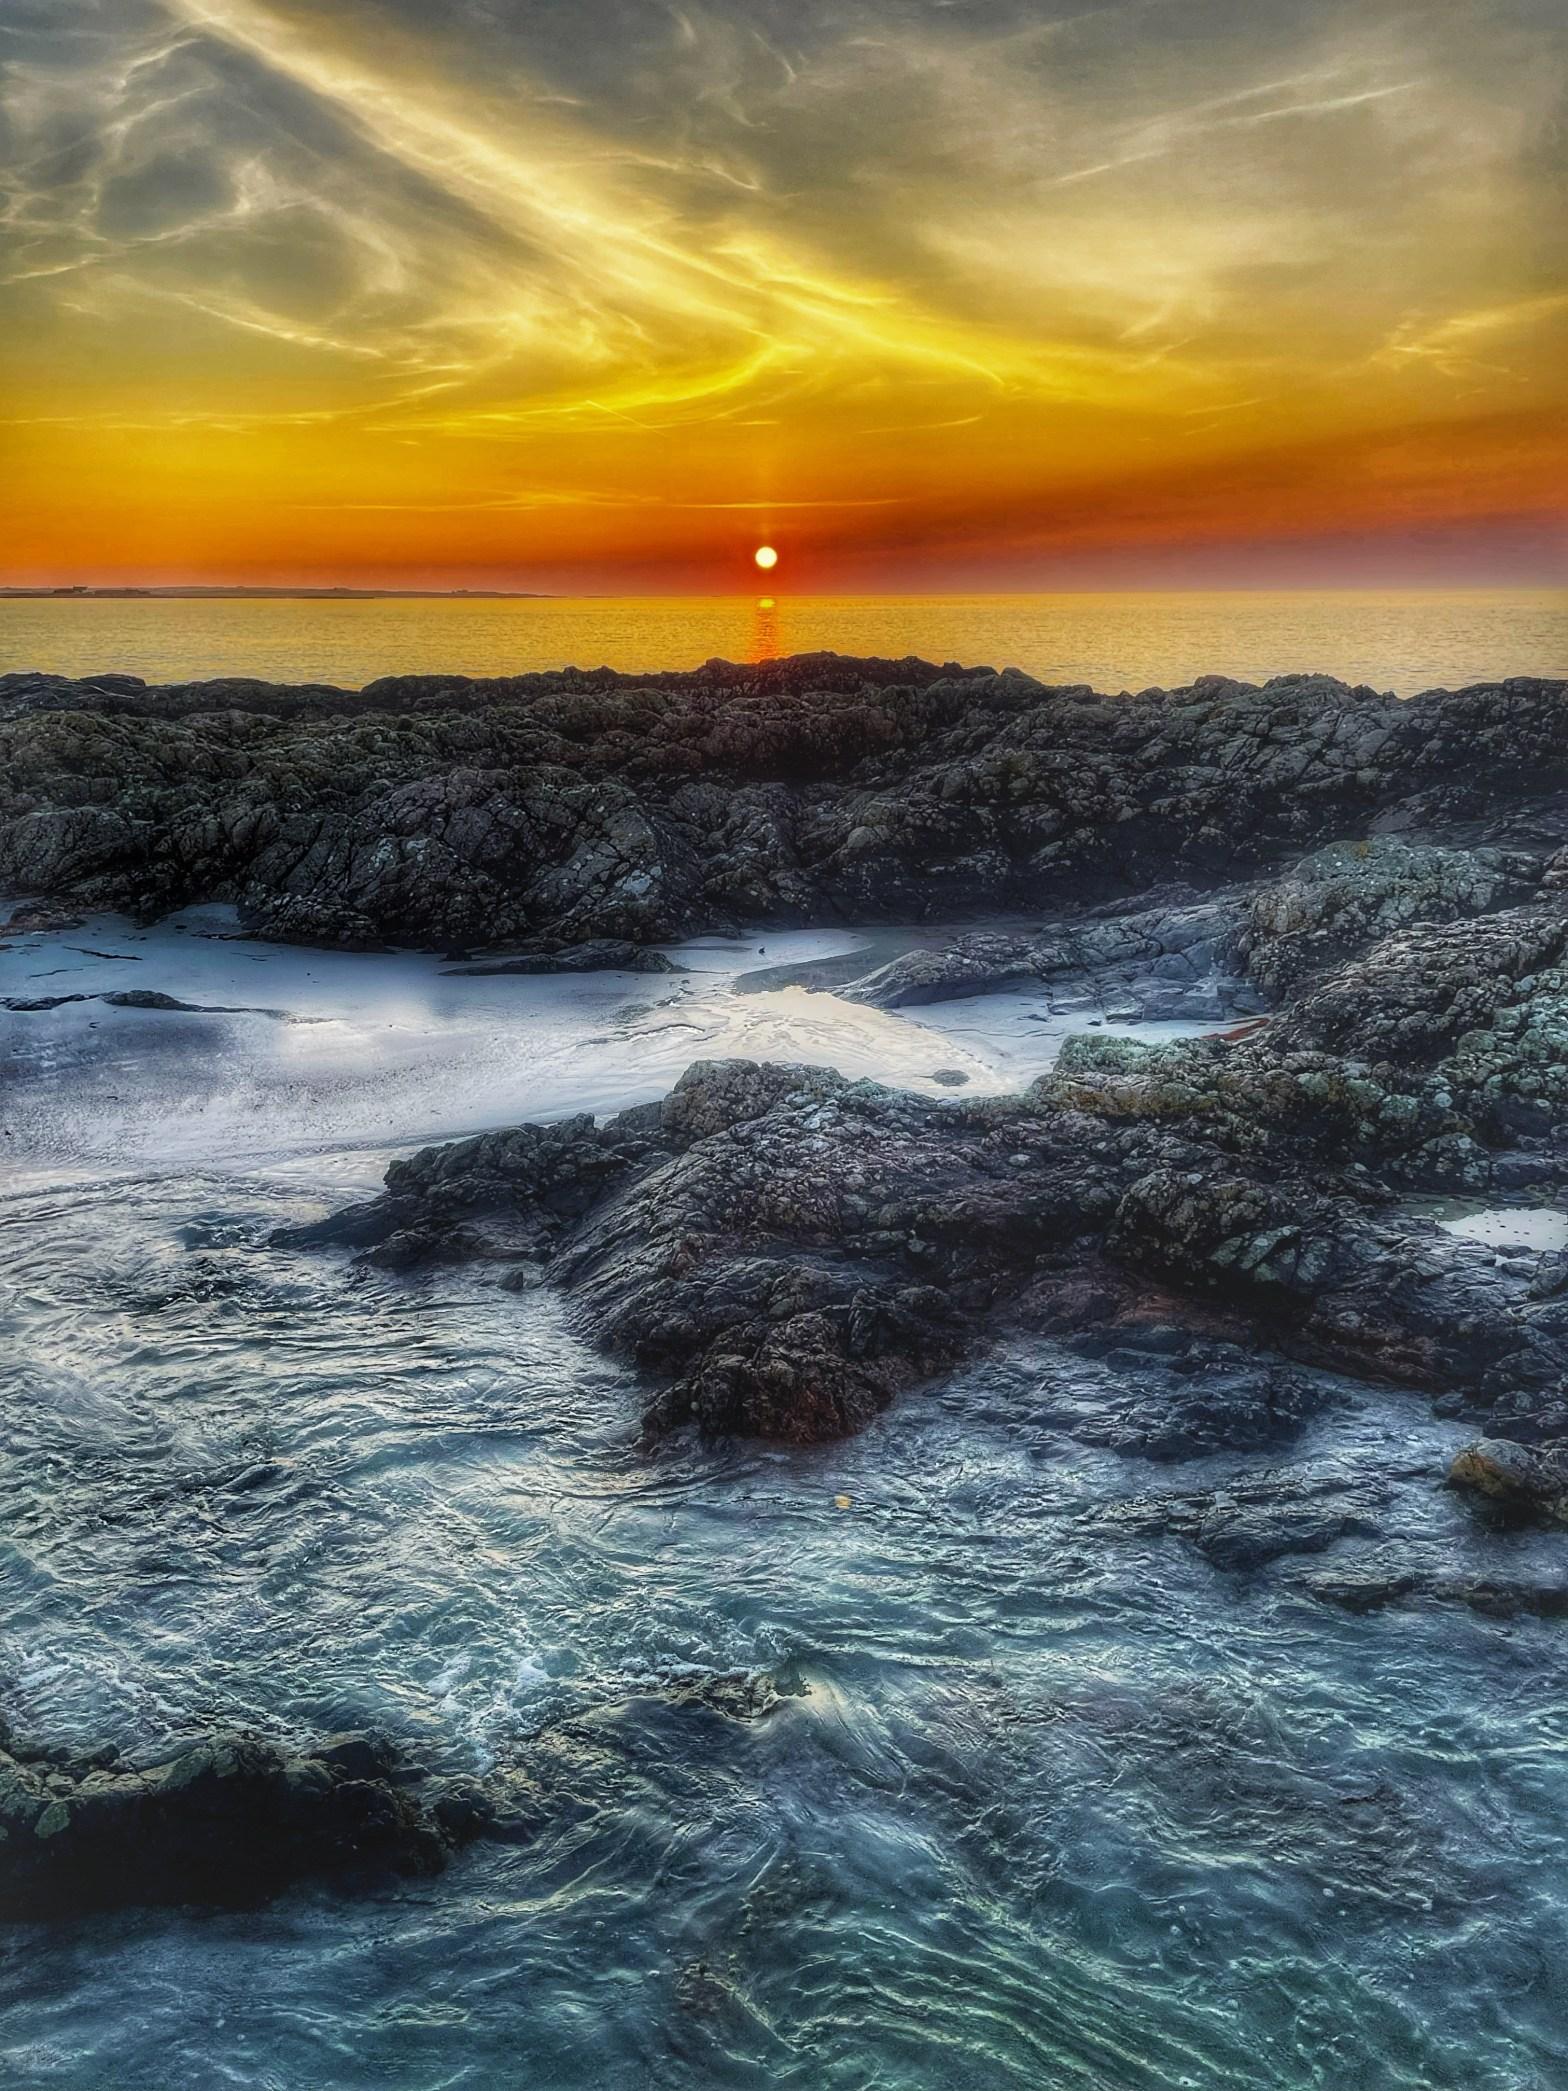 Sunset at Balephetrish